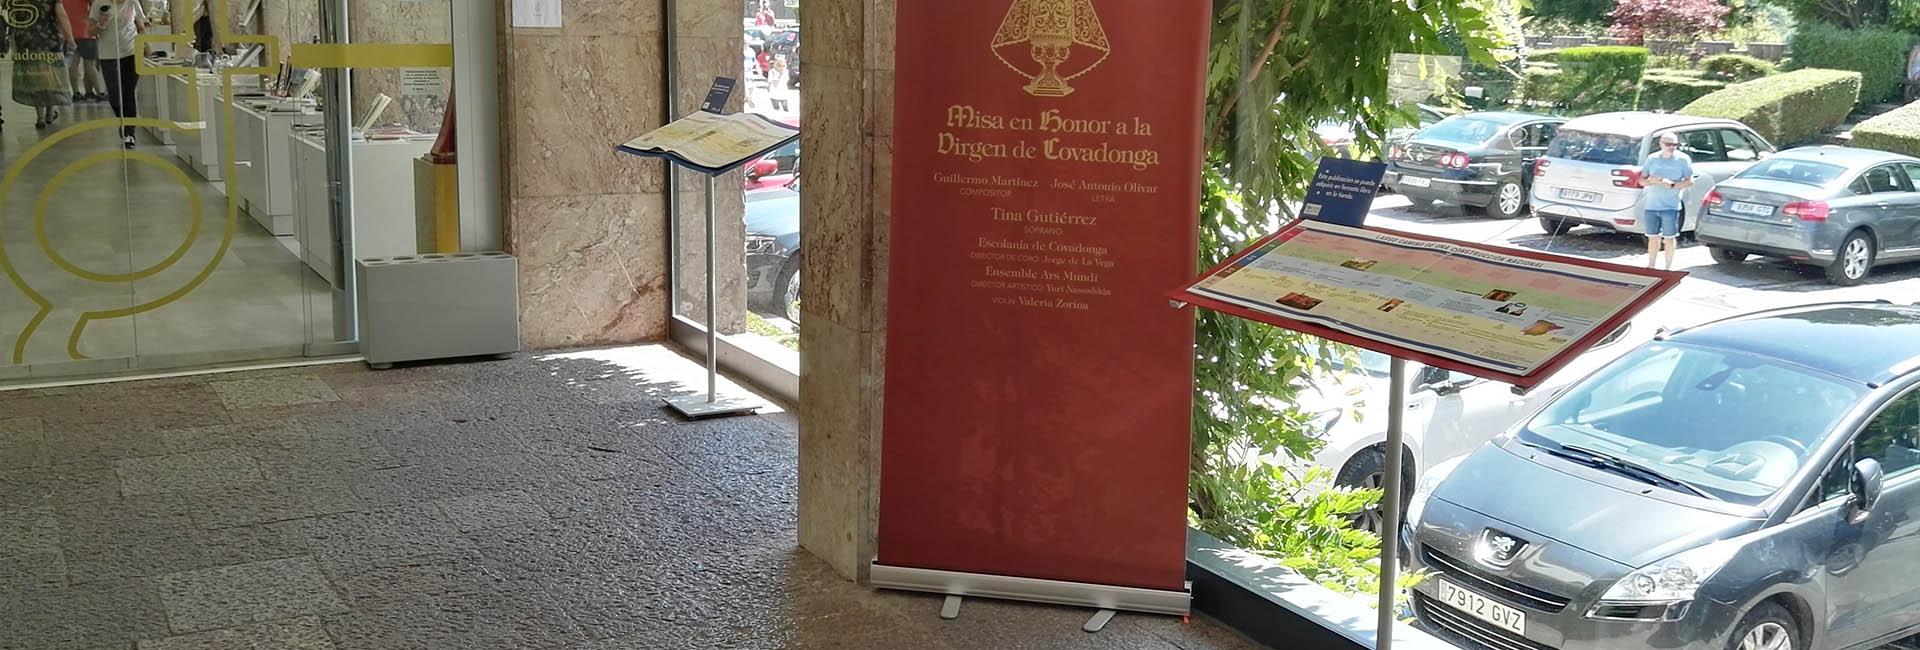 Tienda de recuerdos de la basílica de Covadonga